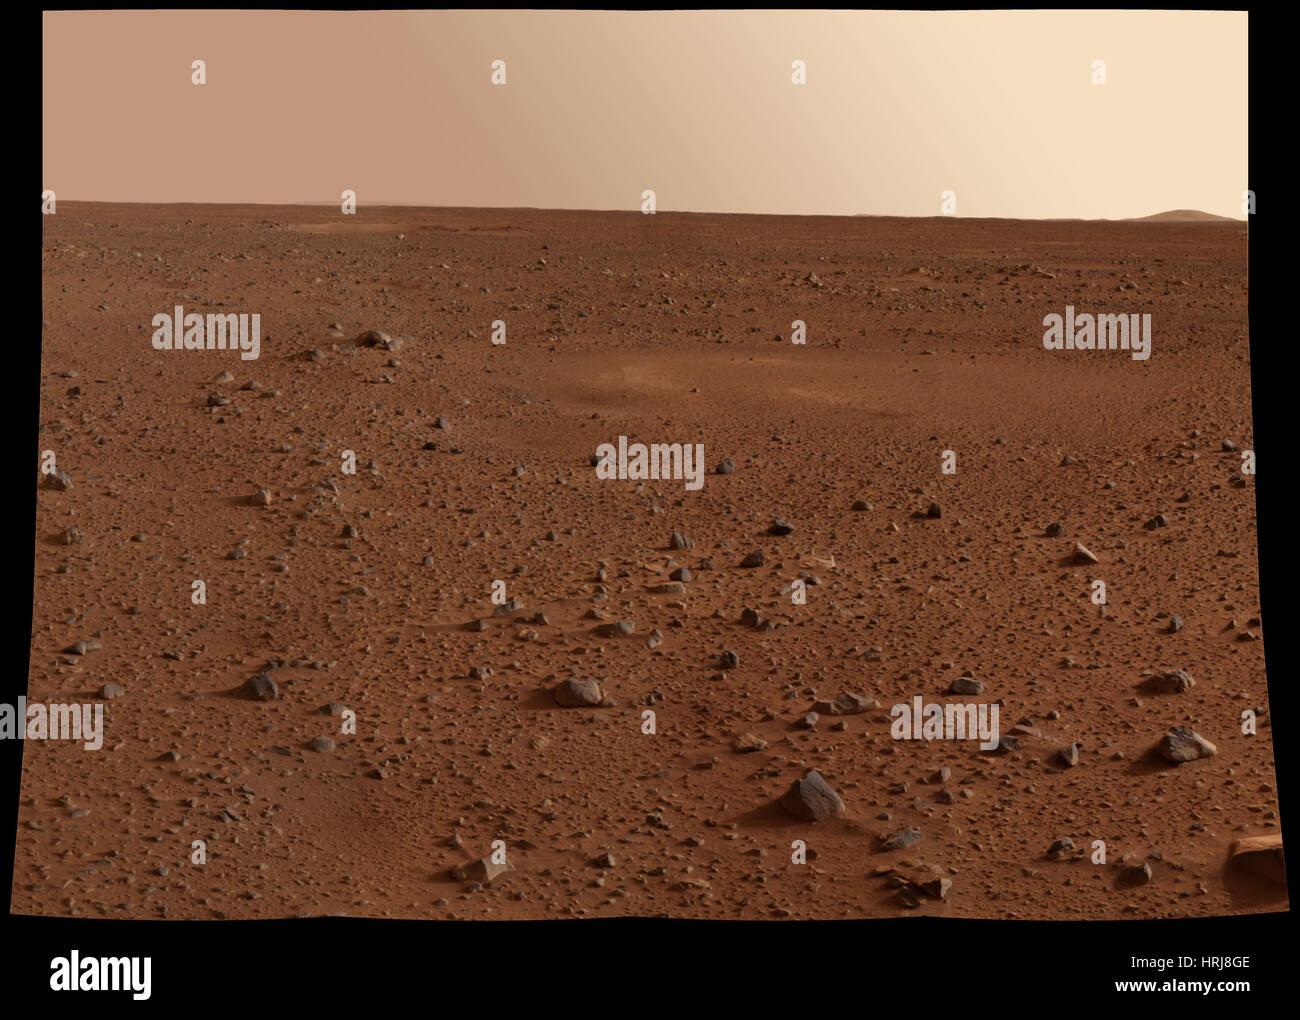 Mars Exploration Rover Spirit Missione, superficie rocciosa di Marte Immagini Stock